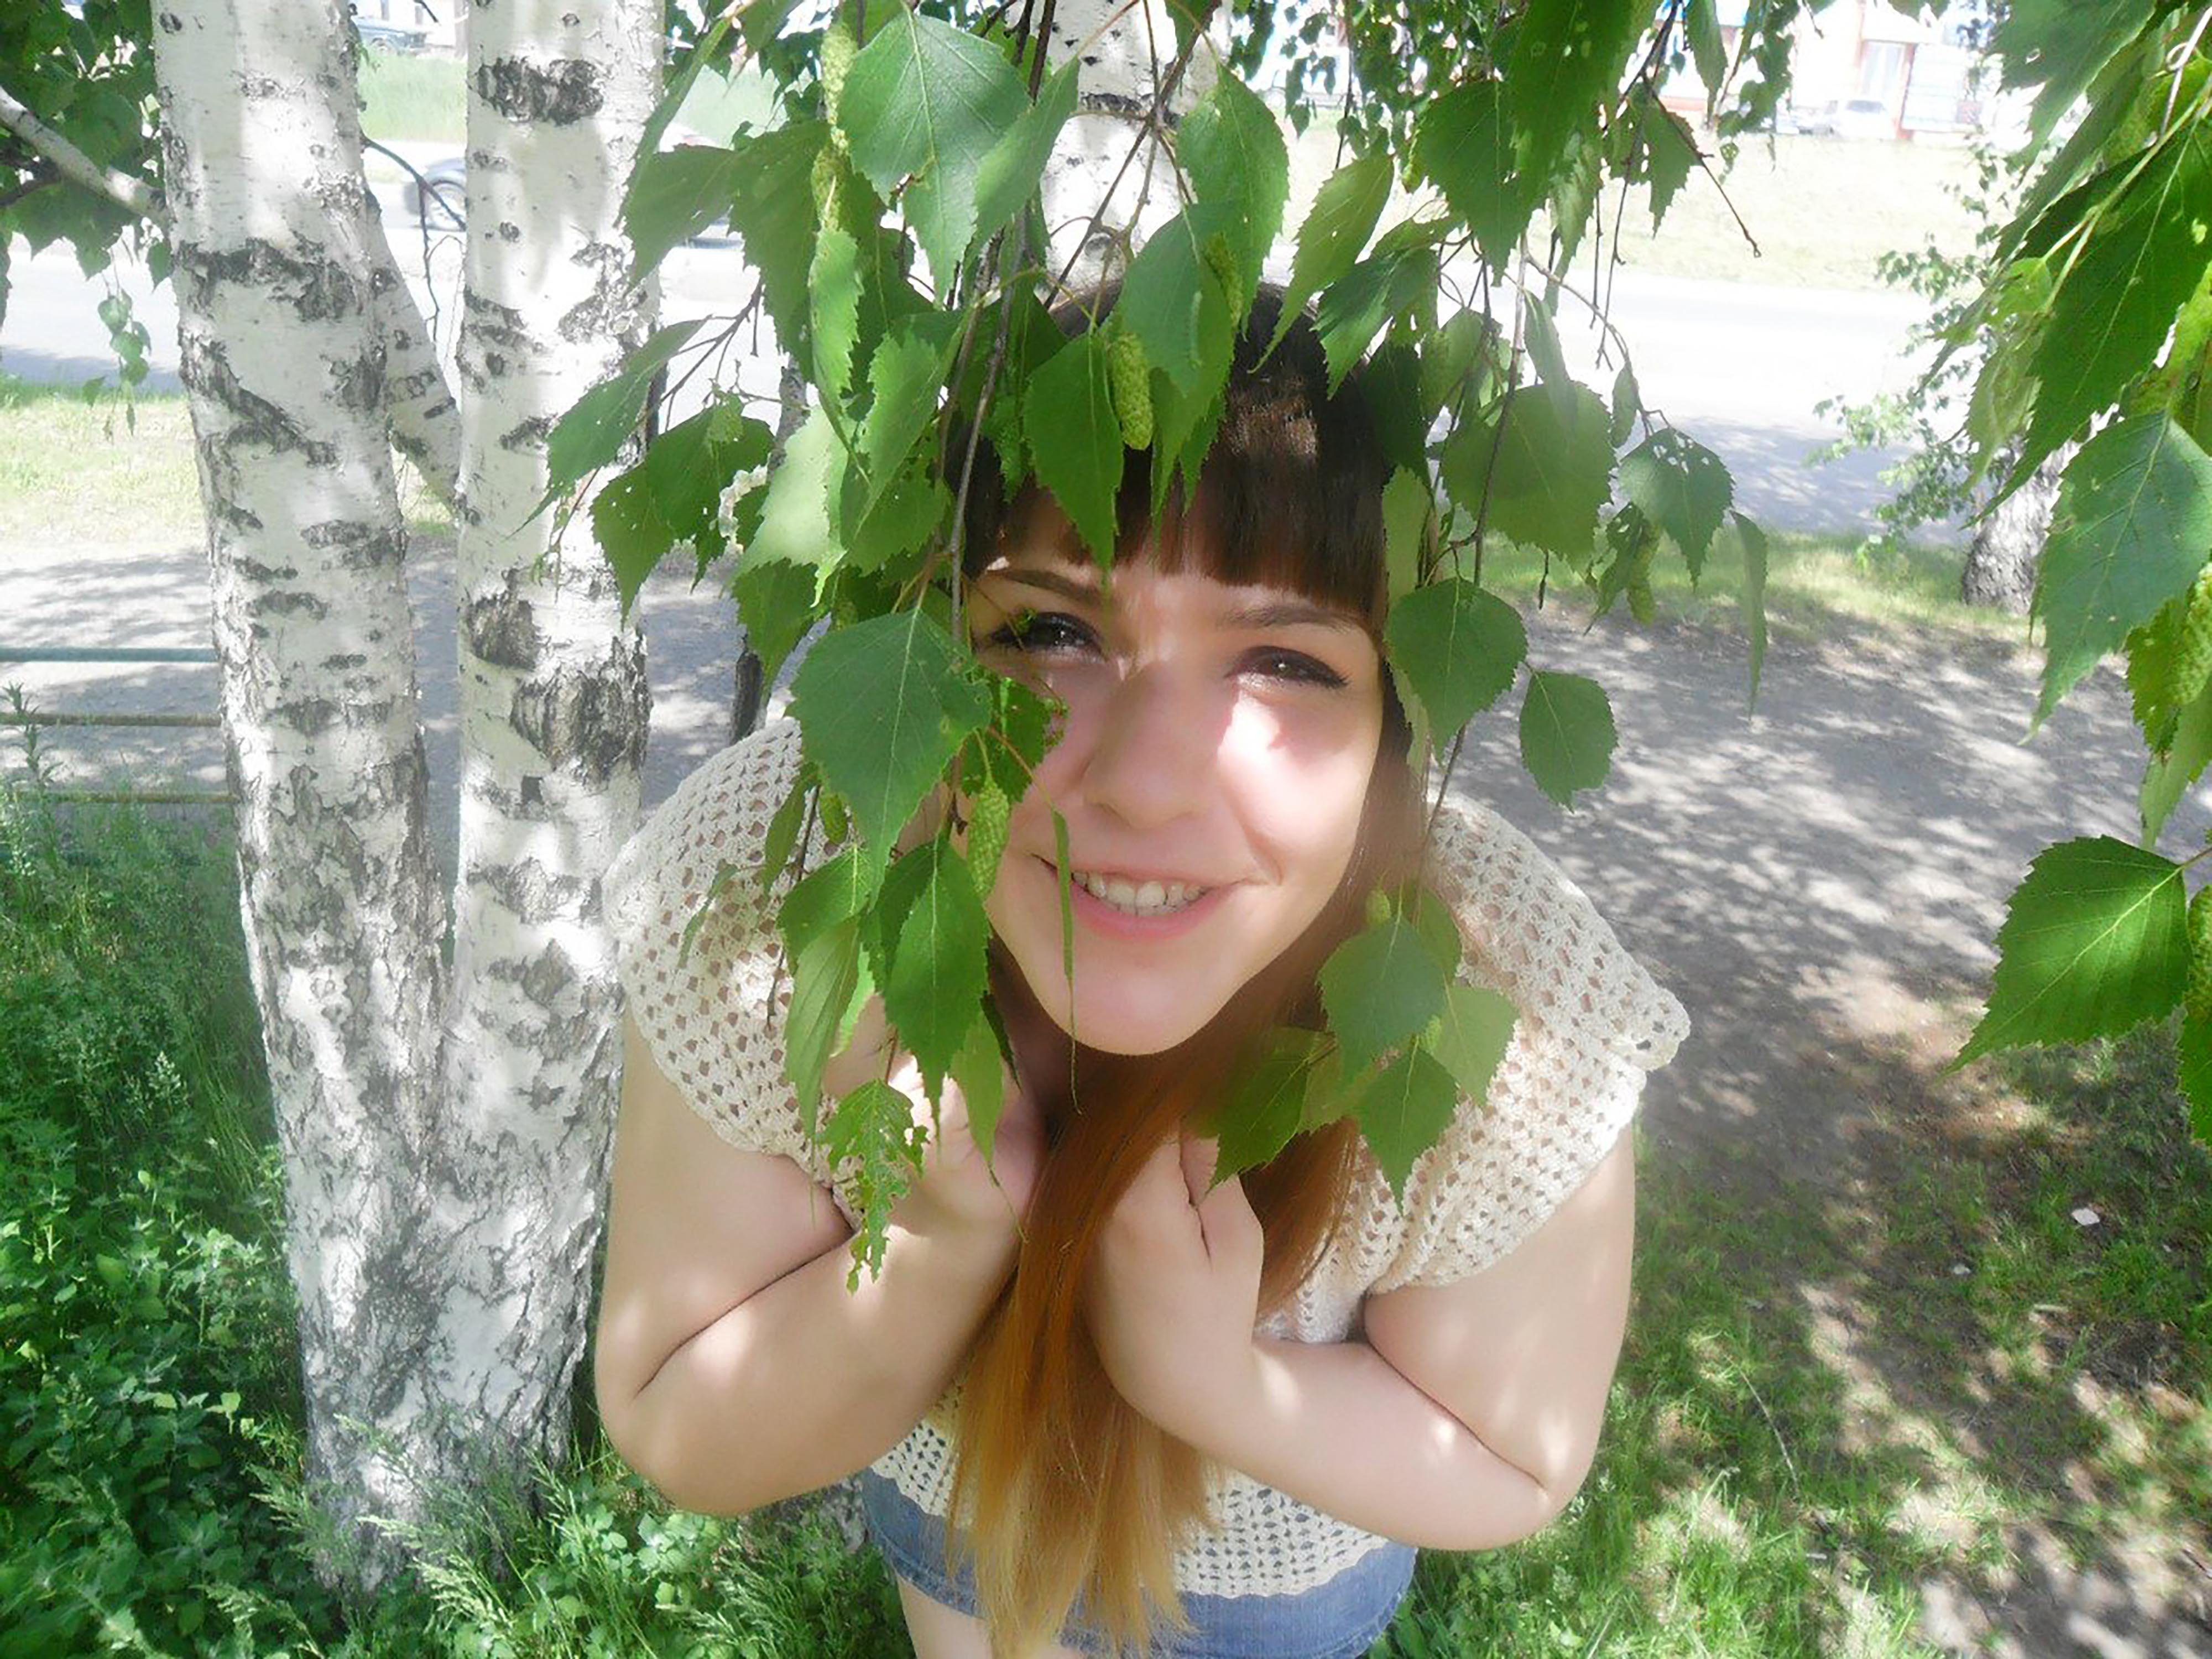 The victim Ekaterina Nikiforova. Credit: PA